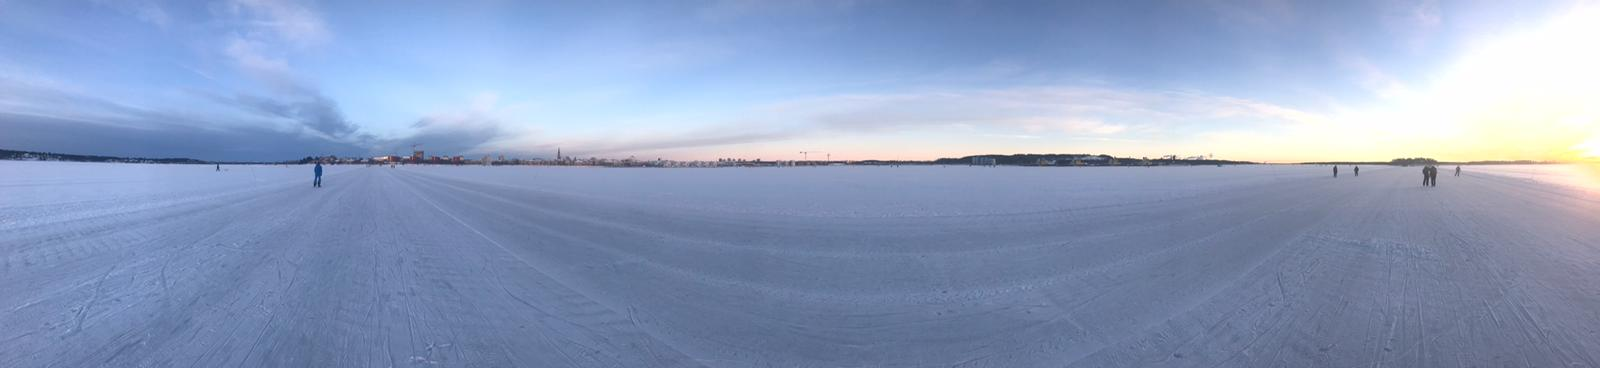 Frozen sea. People walking on it.